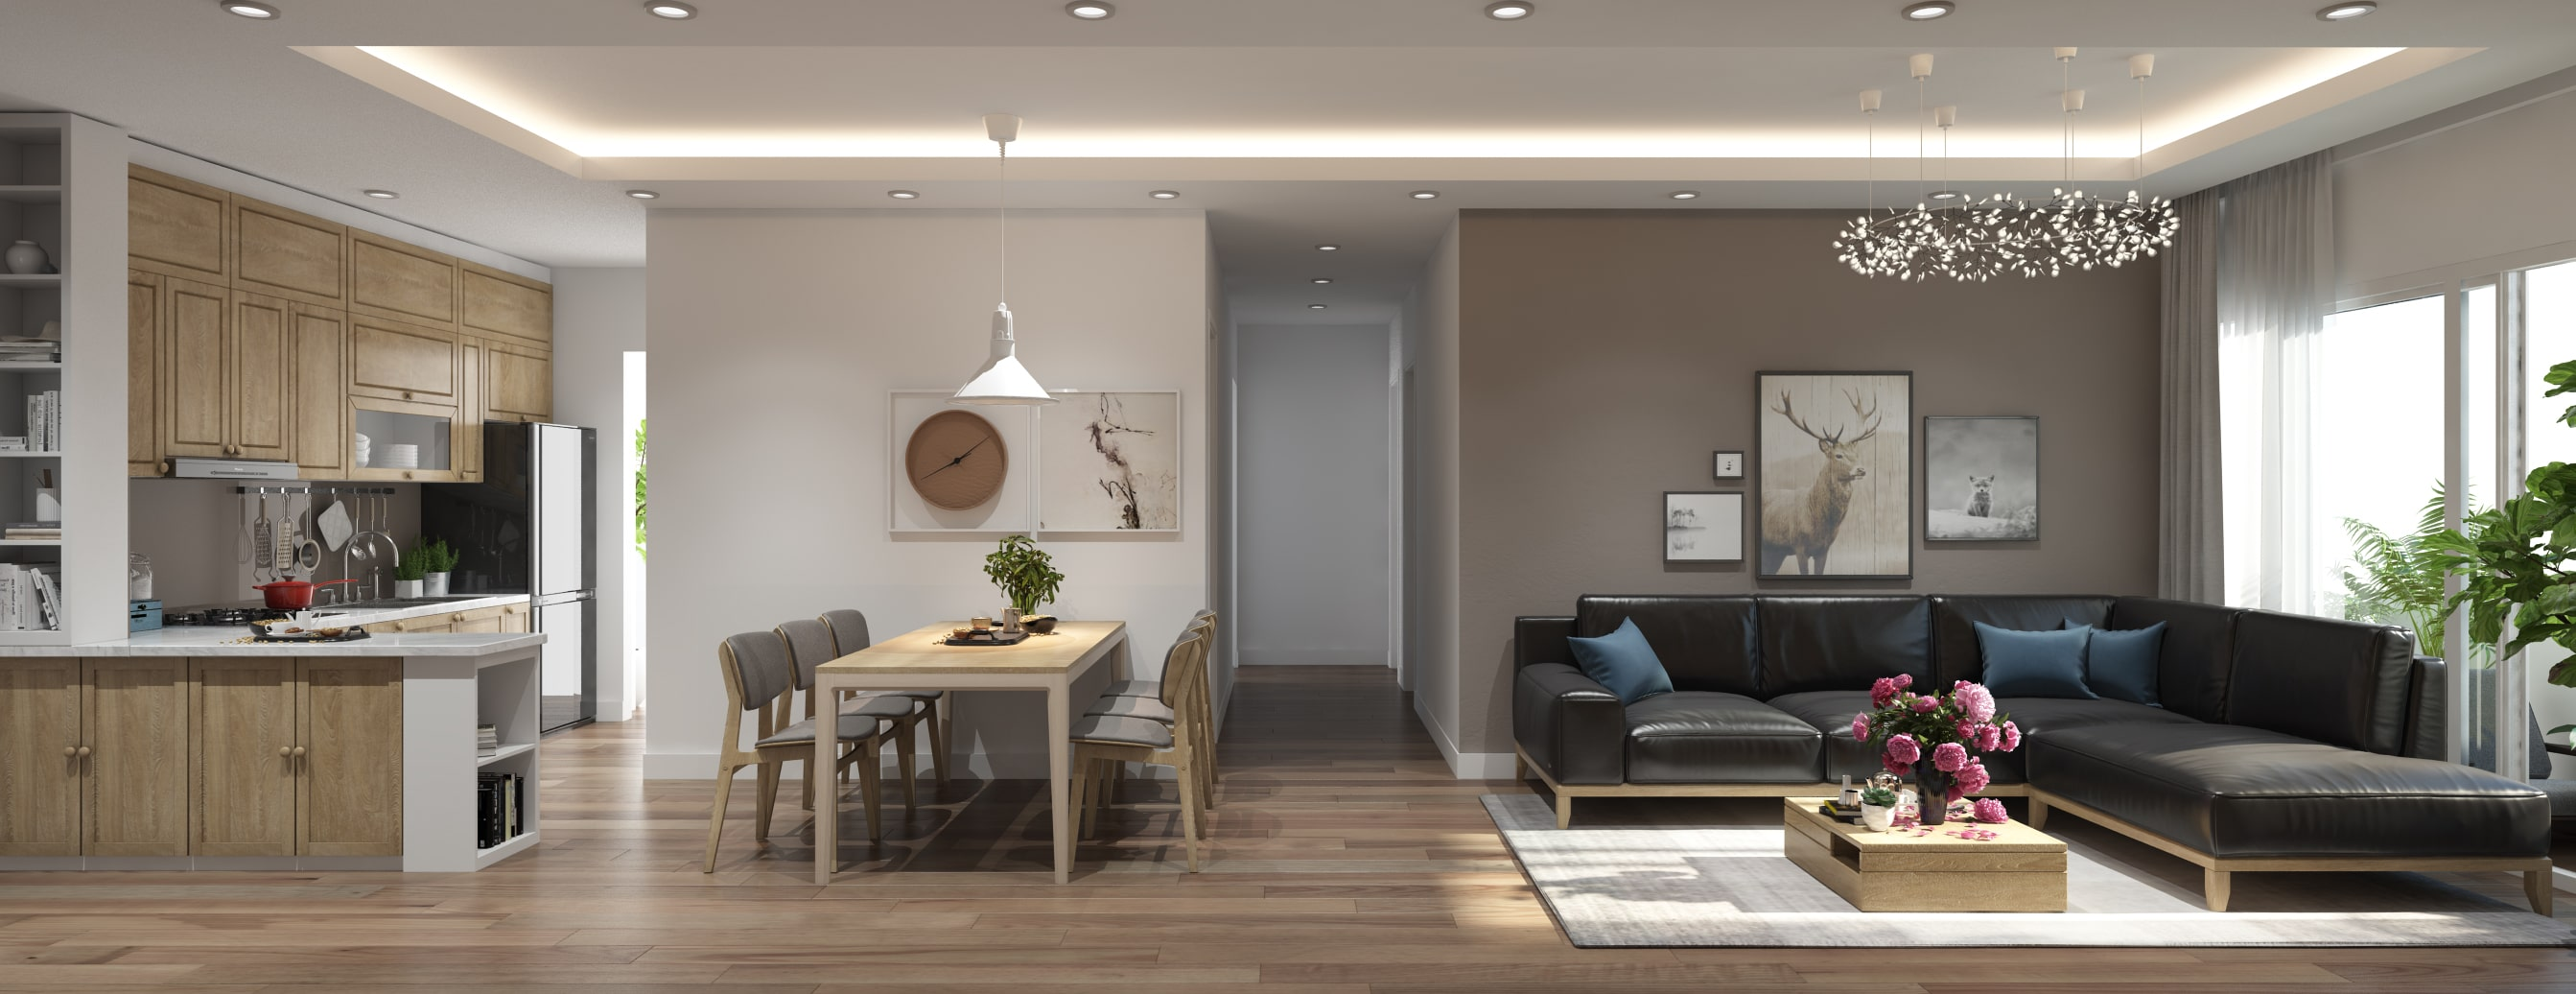 Ấn tượng với thiết kế nội thất phòng khách chung cư hiện đại, đẳng cấp